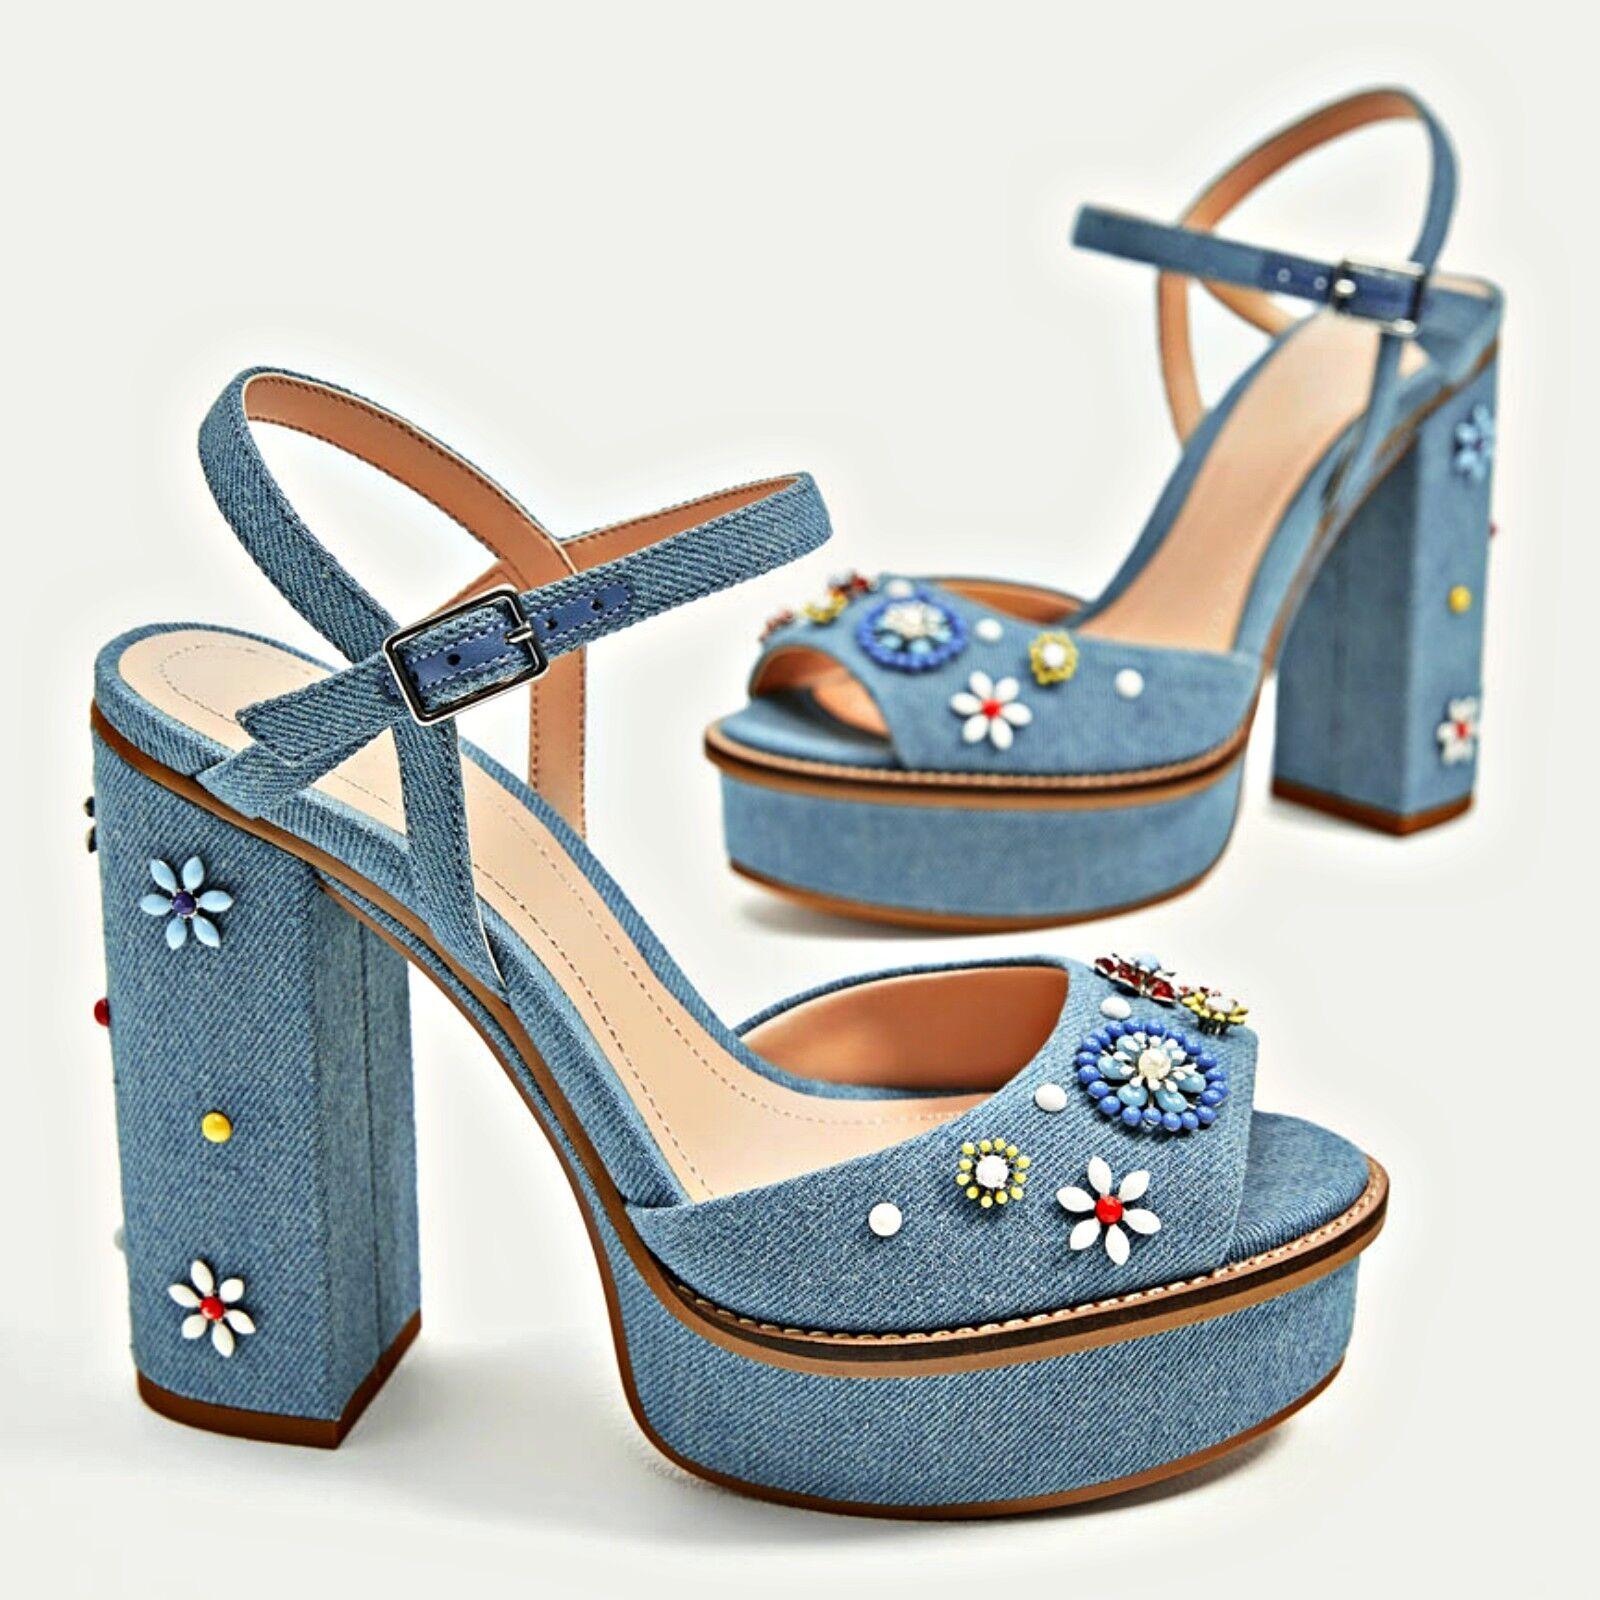 Zara Azul Jean Denim Floral Floral Floral Sandalias De Plataforma Zapatos Mujer Auténtico 1538 201  venta mundialmente famosa en línea